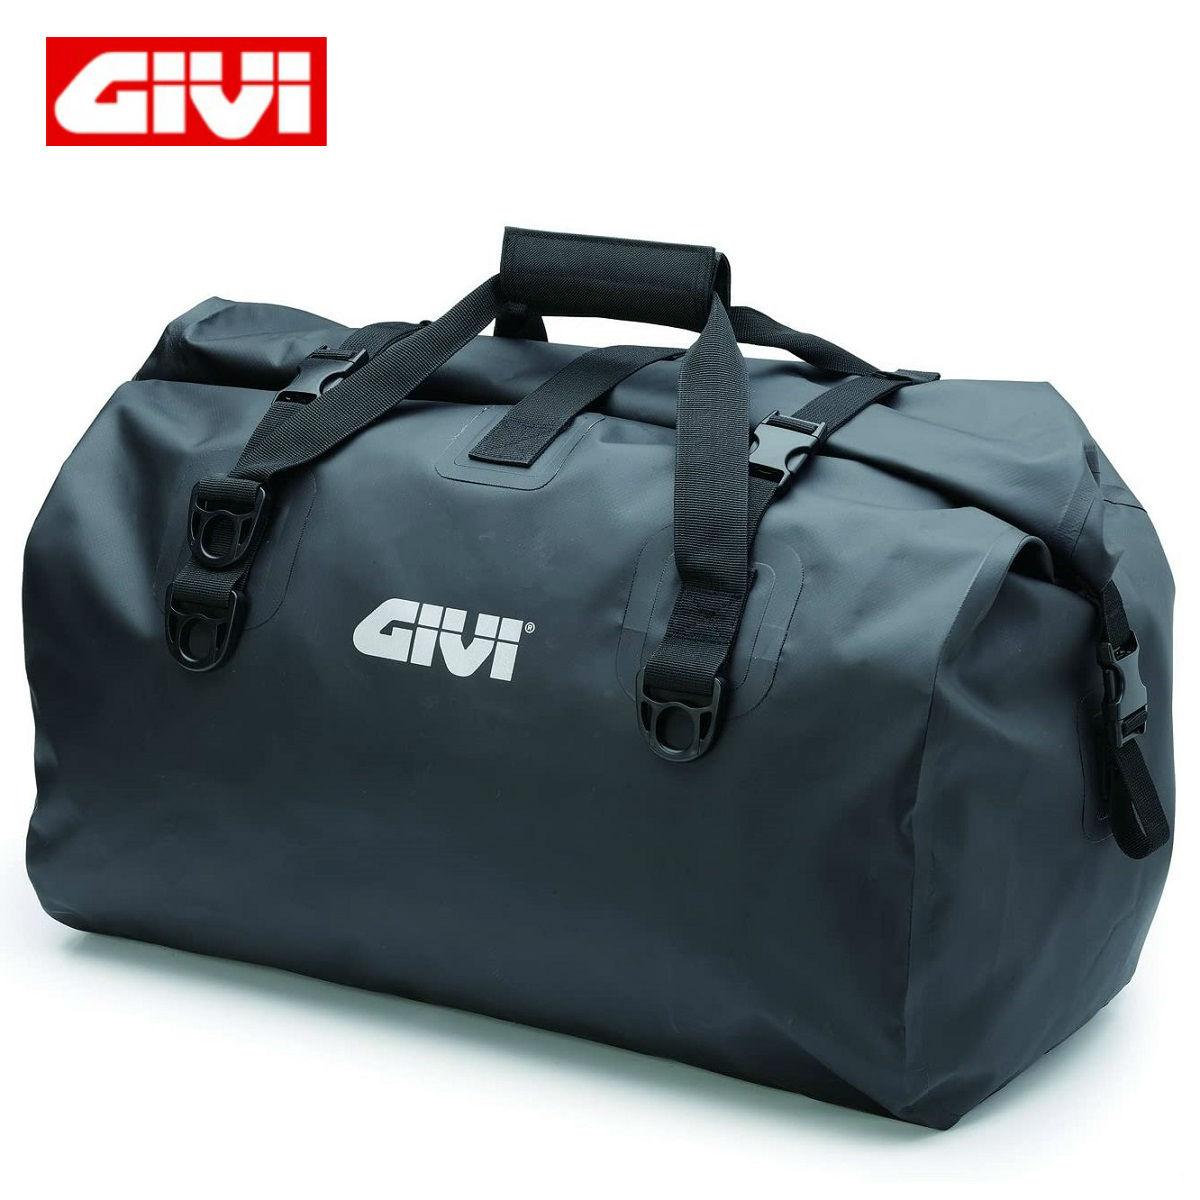 5☆好評 送料無料 今だけスーパーセール限定 GIVI ジビ 防水ドラムバック60L Seat EA119BK Bag